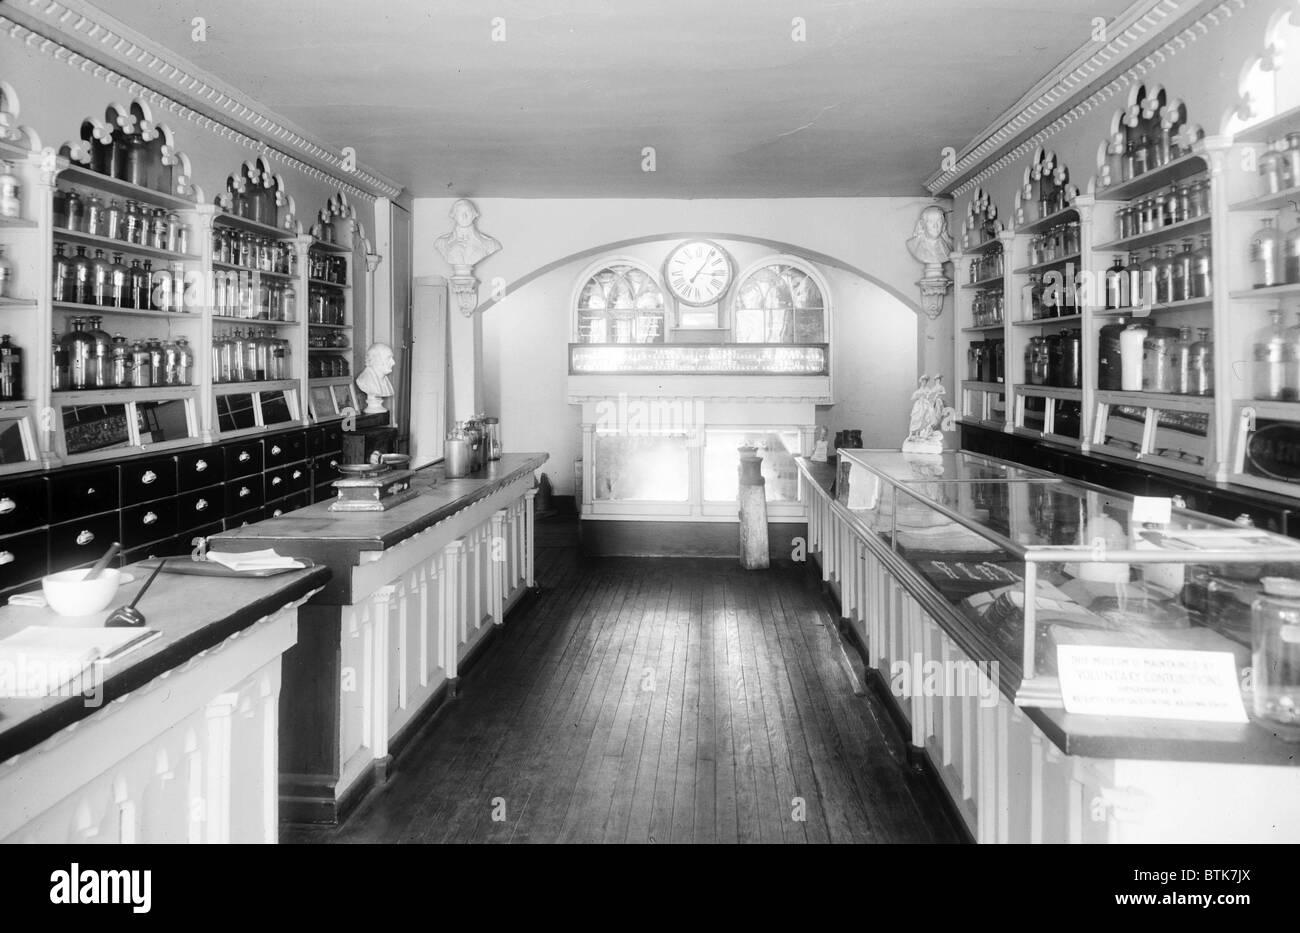 Apothecary Shop, founded ca. 1795. Alexandria, Virginia. Stock Photo